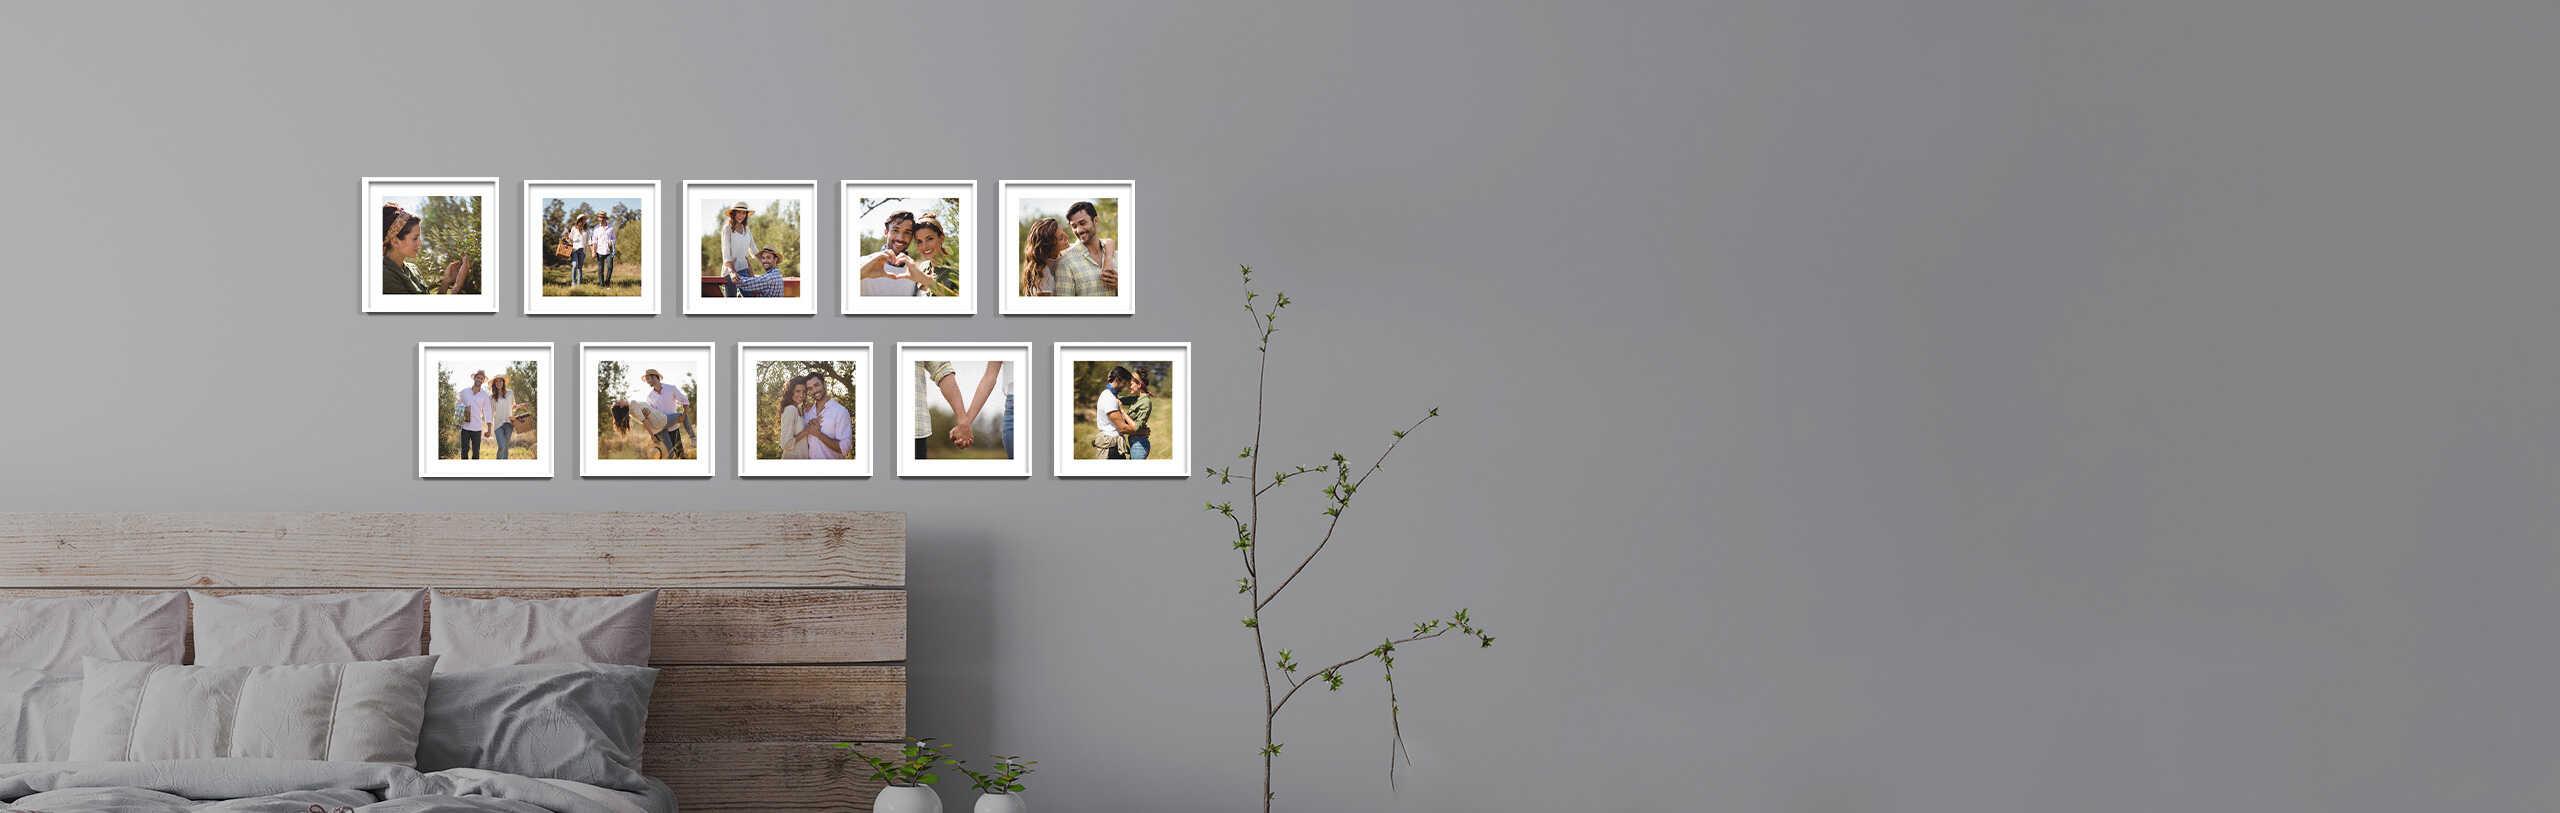 לופה בריבוע, קיר תמונות בחדר שינה